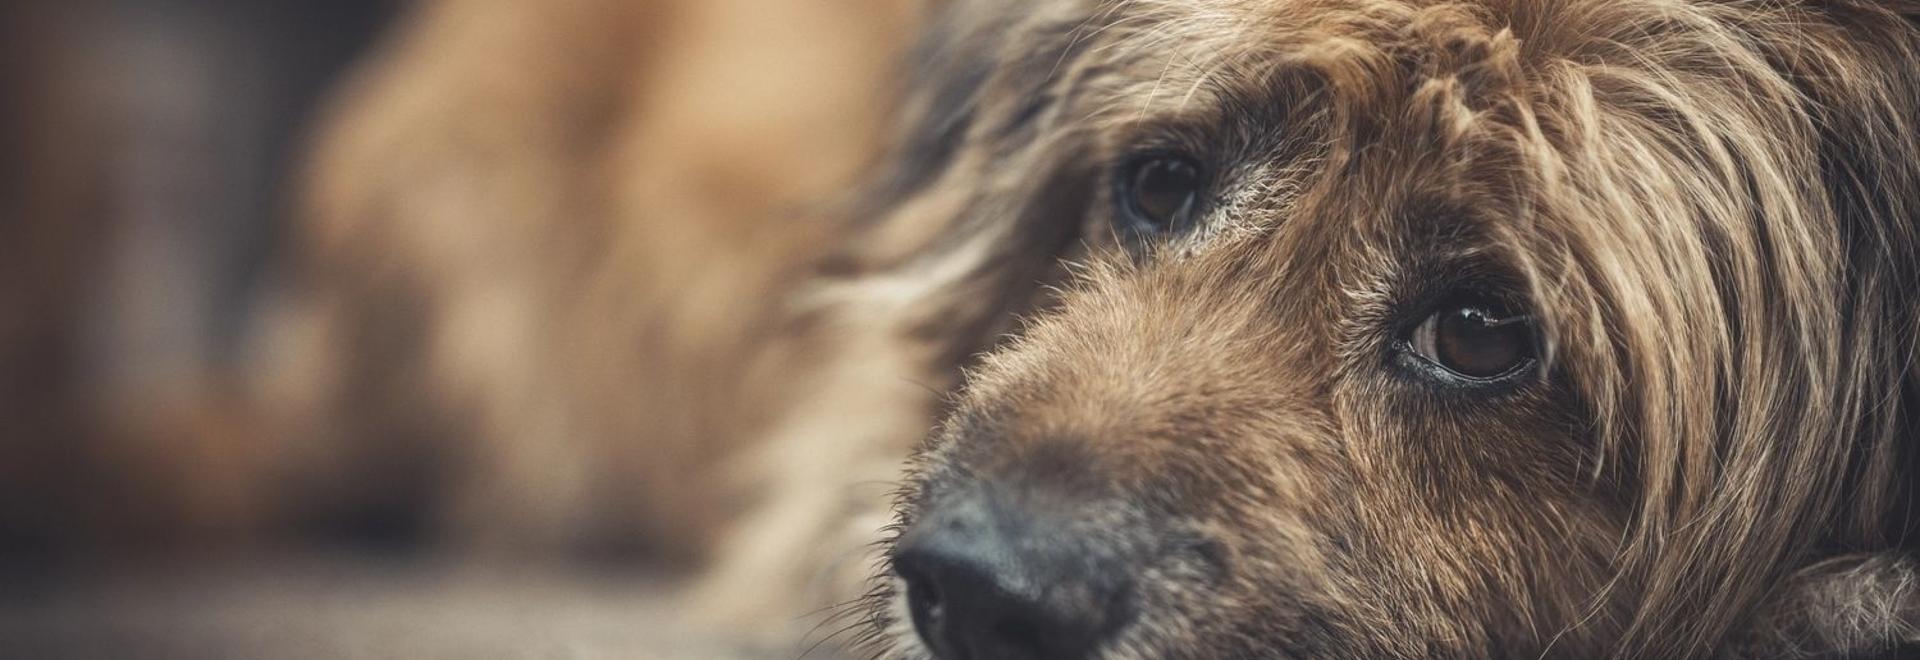 La FDA aprueba condicionalmente el primer tratamiento oral para el linfoma canino